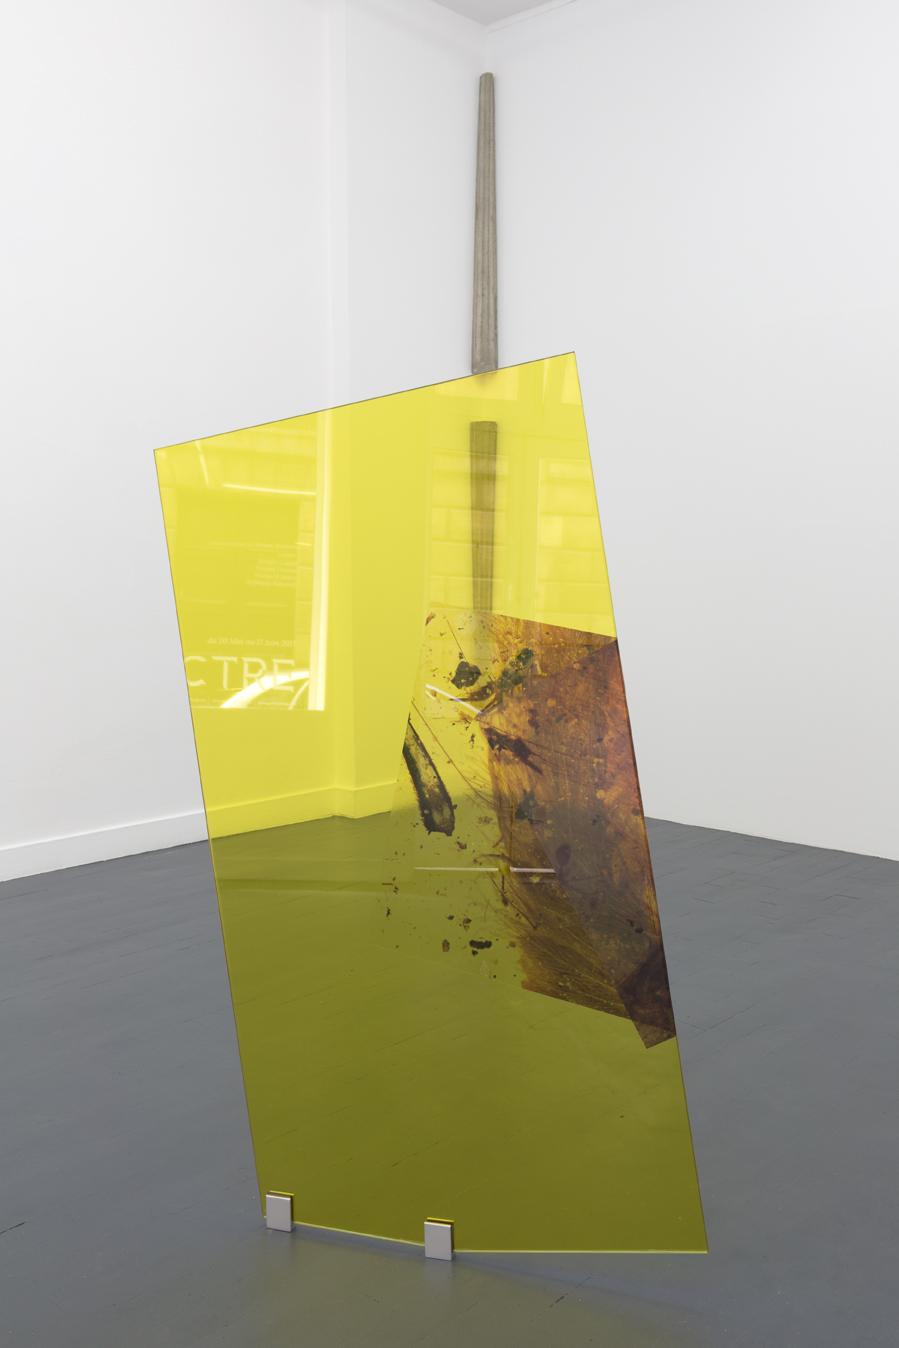 L'infidèle, 2017